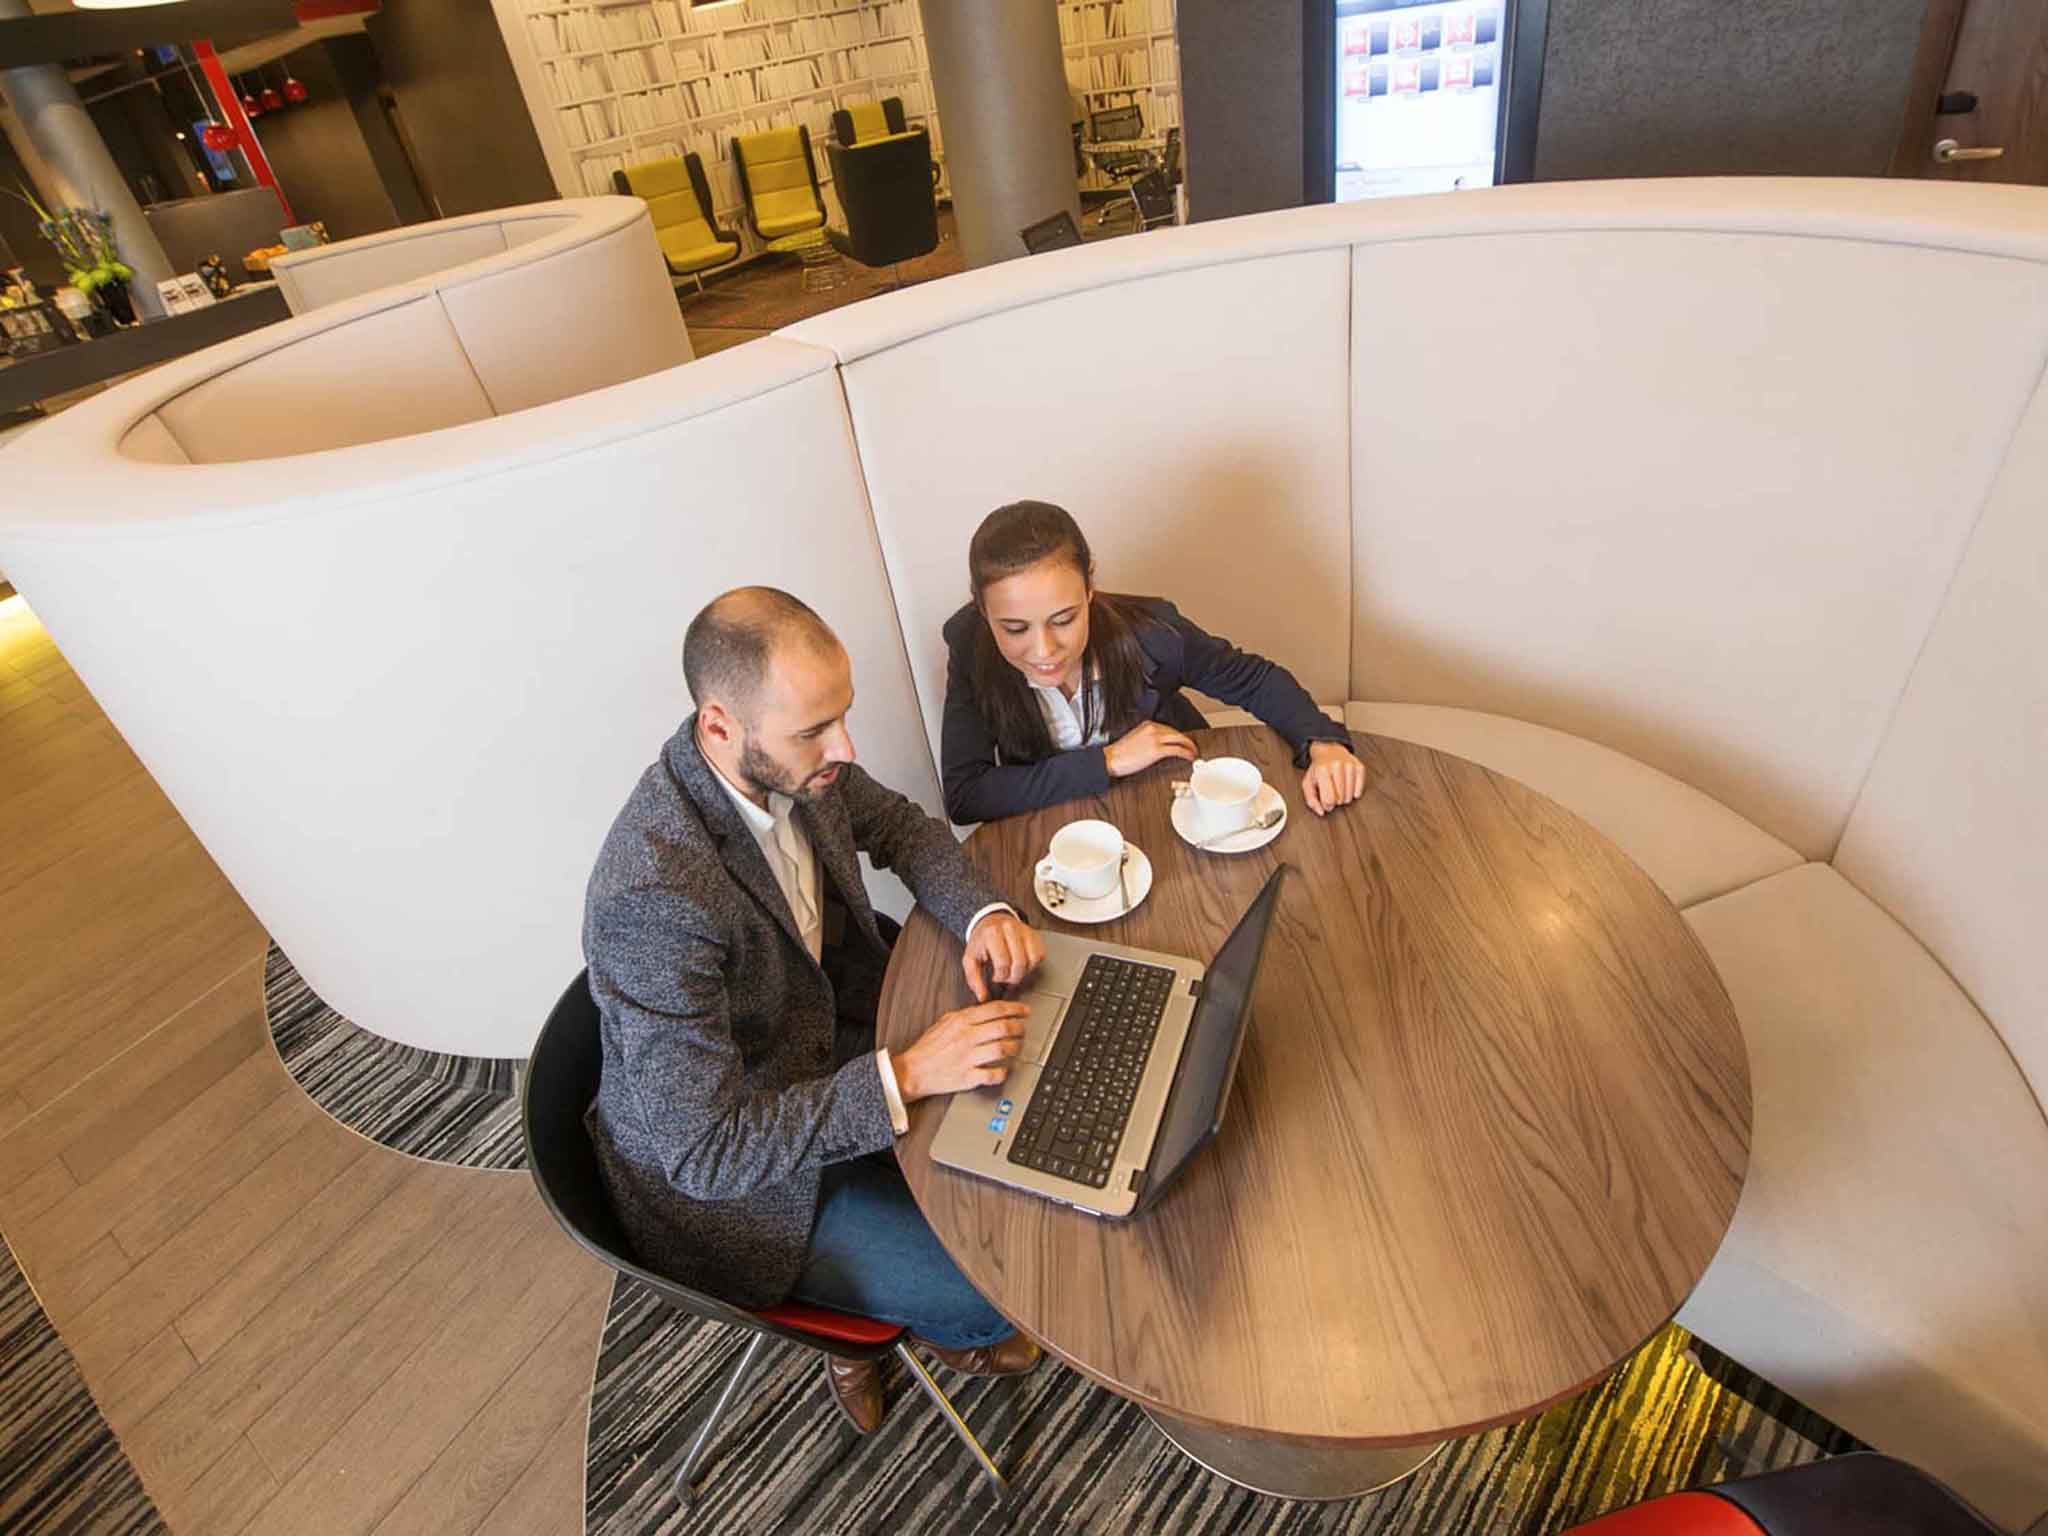 velocità dating giovane Londra incontri gratuiti e chating